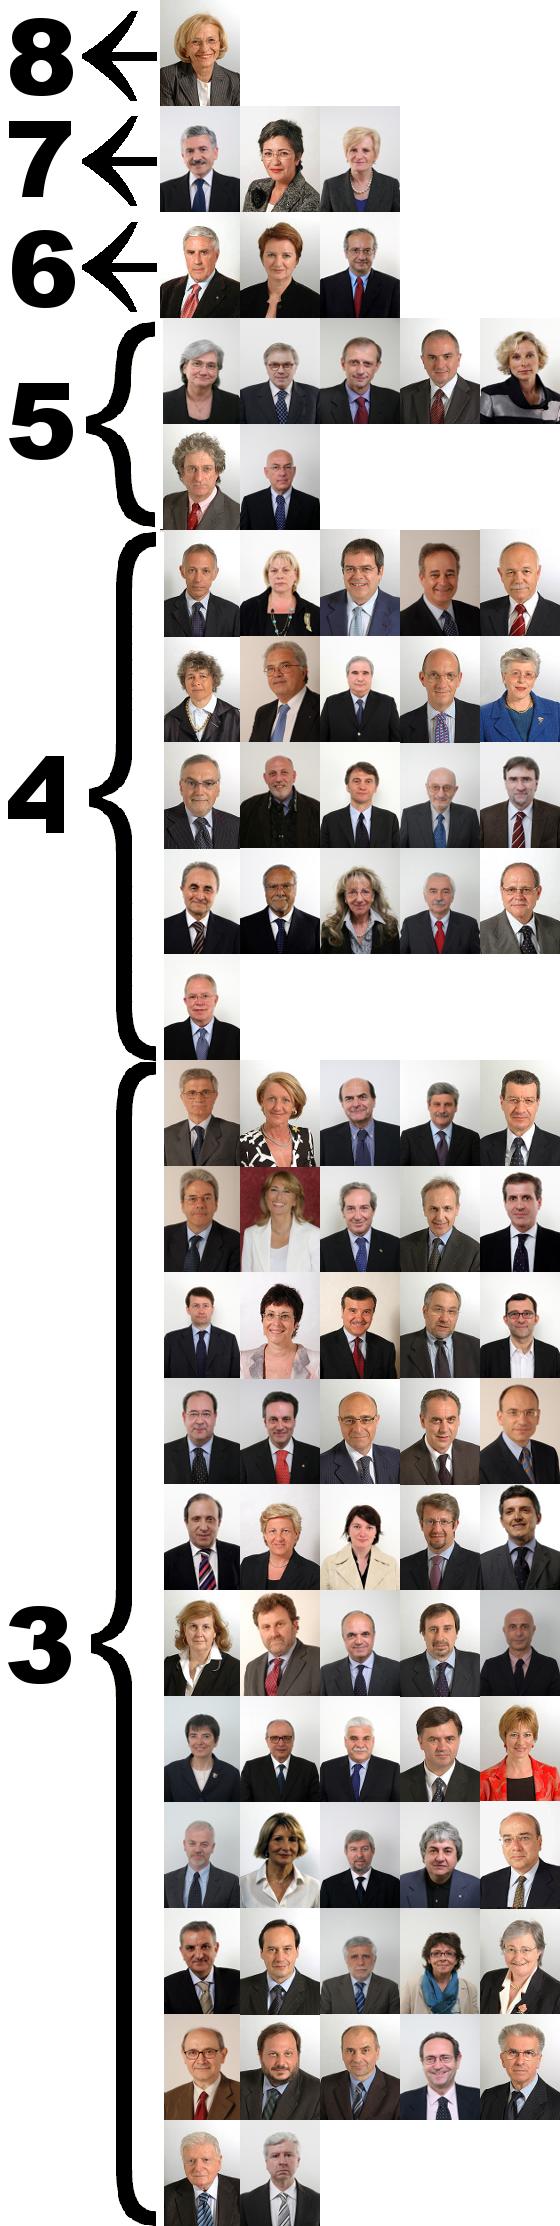 Le legislature dei parlamentari del pd pagina 2 di 2 for Numero parlamentari pd